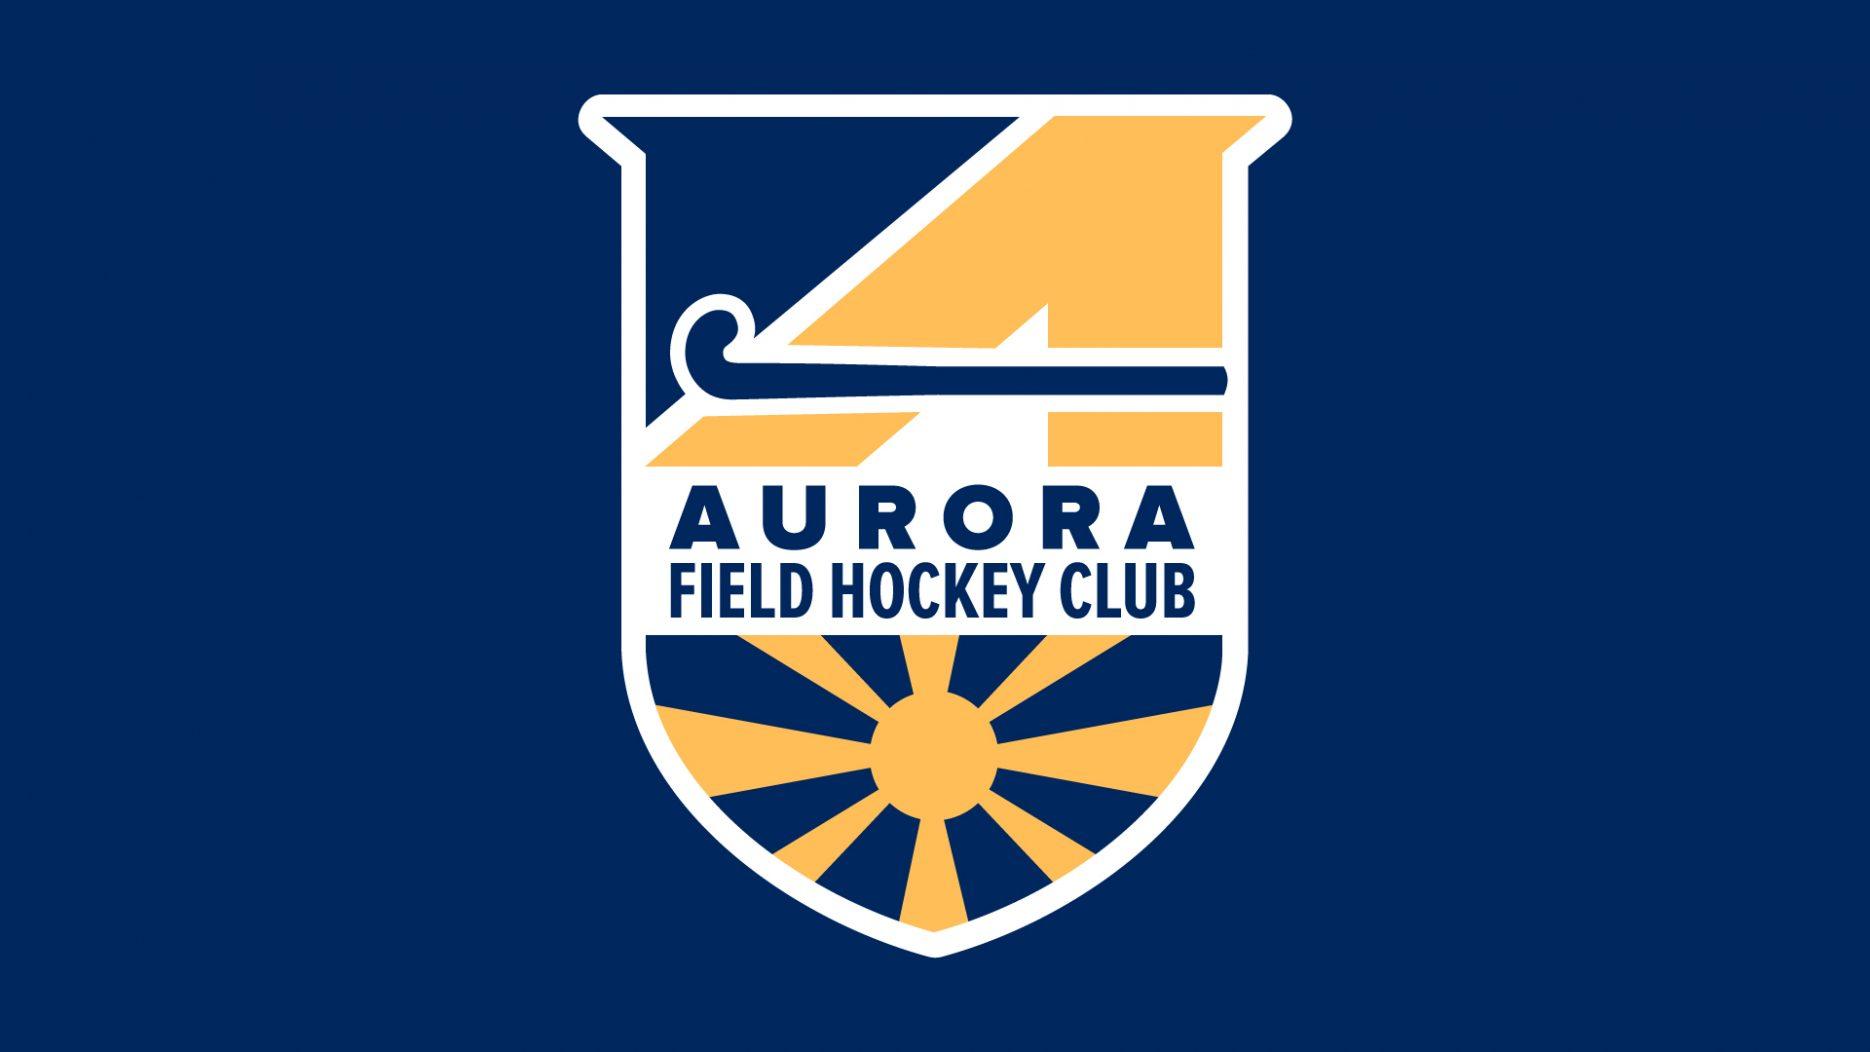 Aurora Field Hockey Club Logo